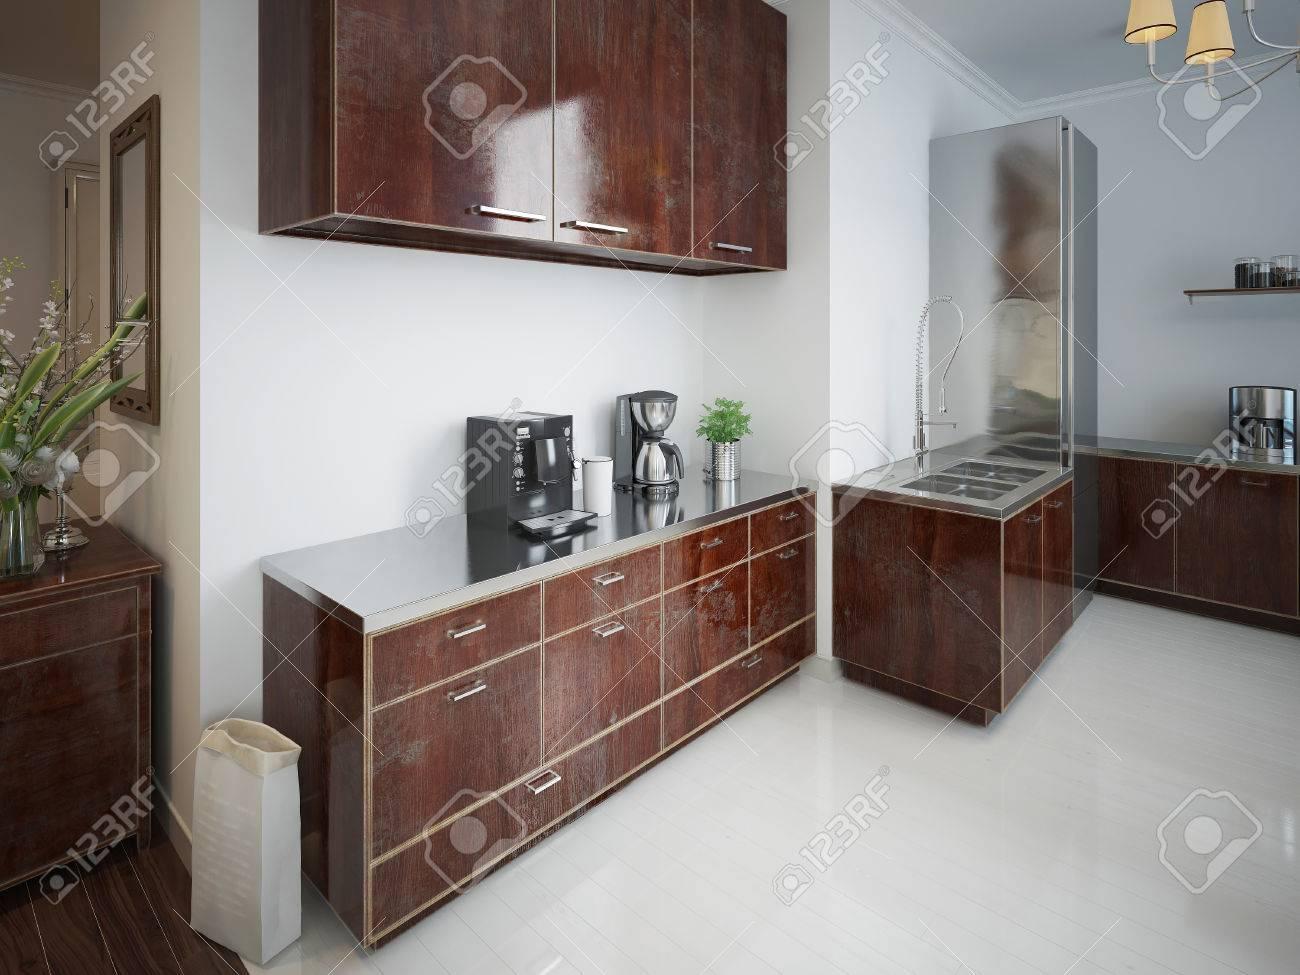 Moderno Gabinetes De Arce Cocina Contemporánea Imagen - Ideas de ...